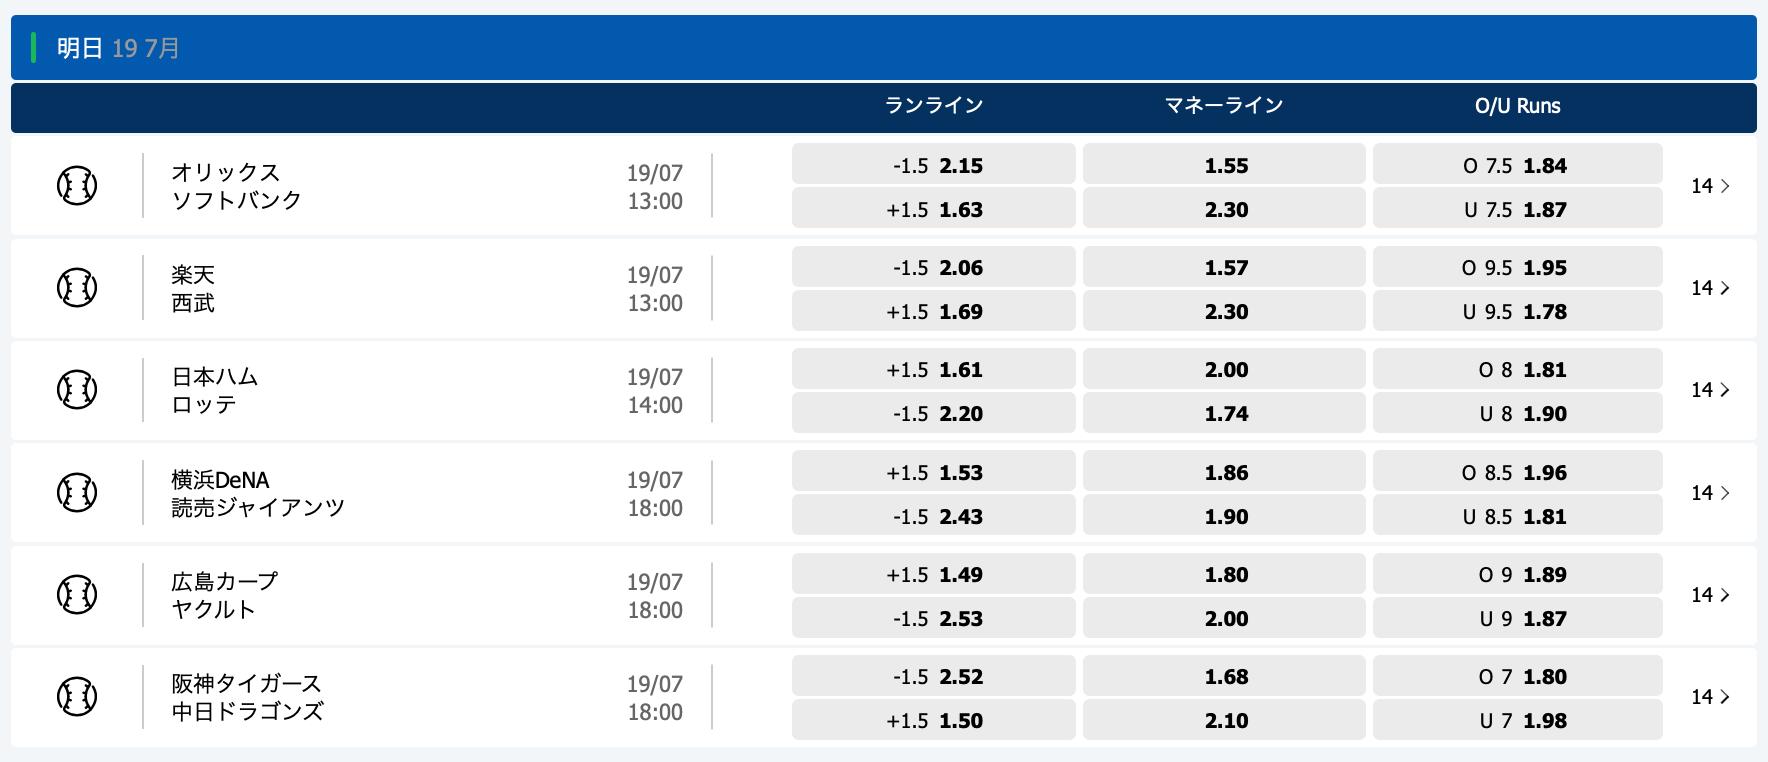 2020.7.19 プロ野球オッズ・10bet Japan